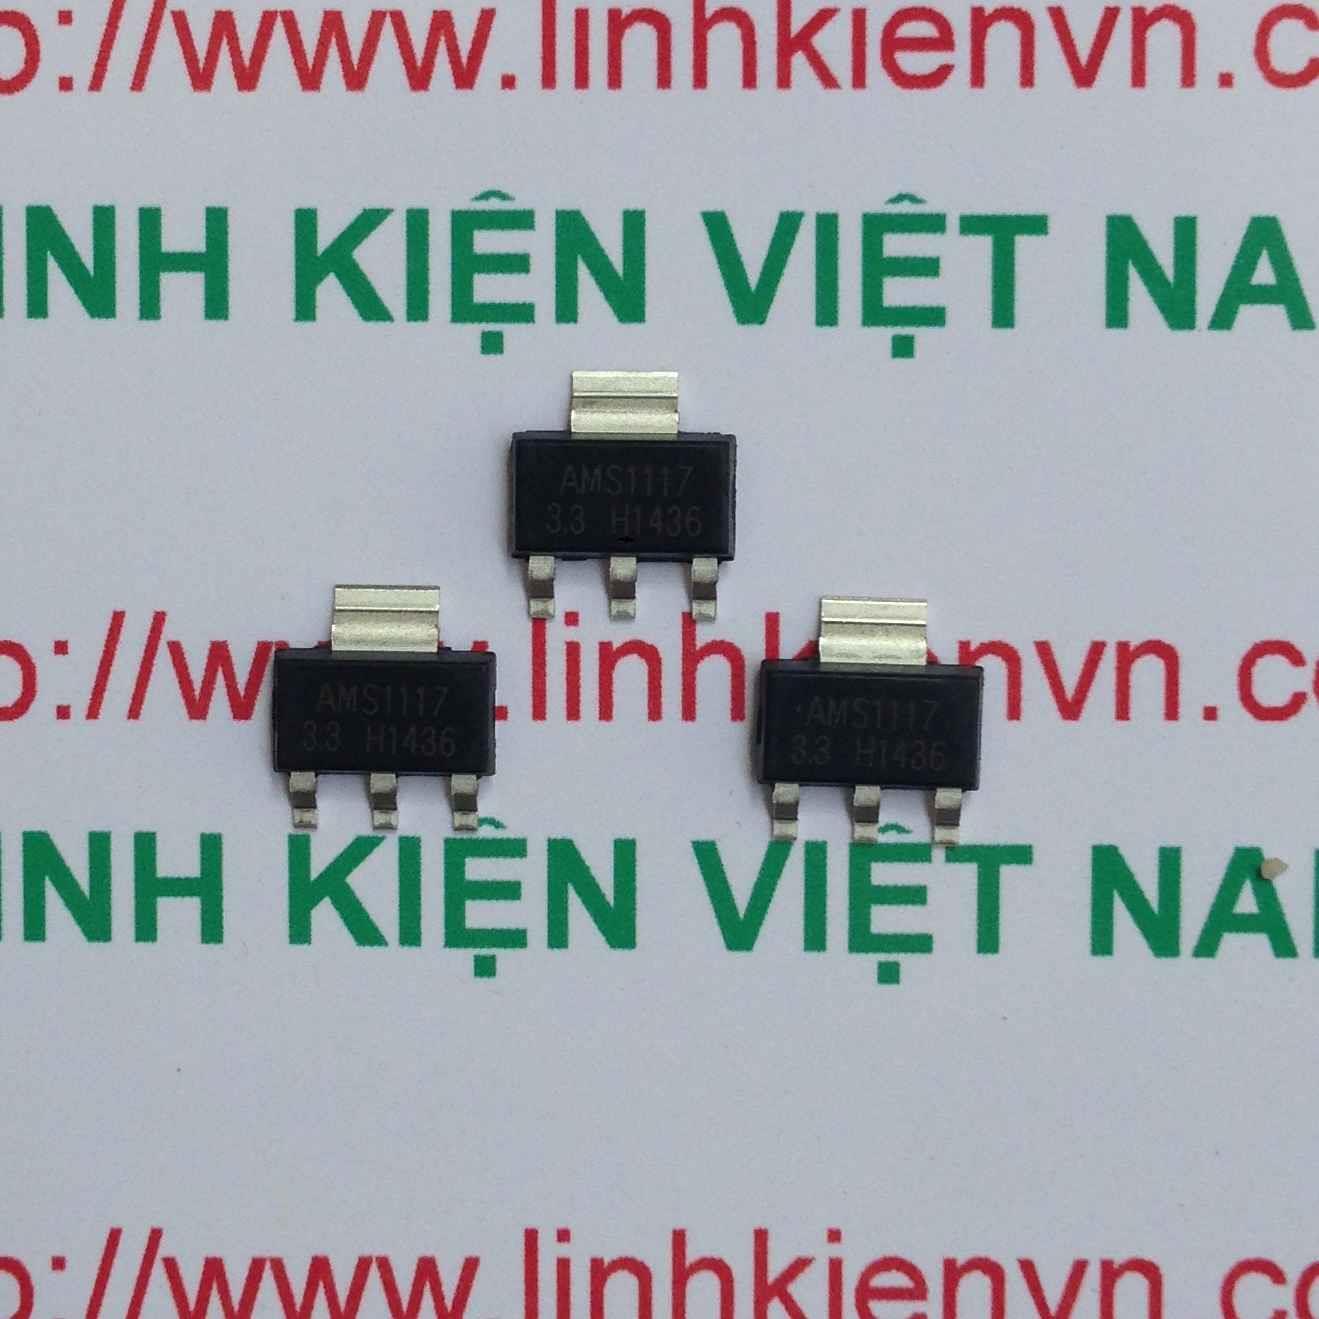 LM1117 ASM1117 3.3V SOT-223 - F10H8